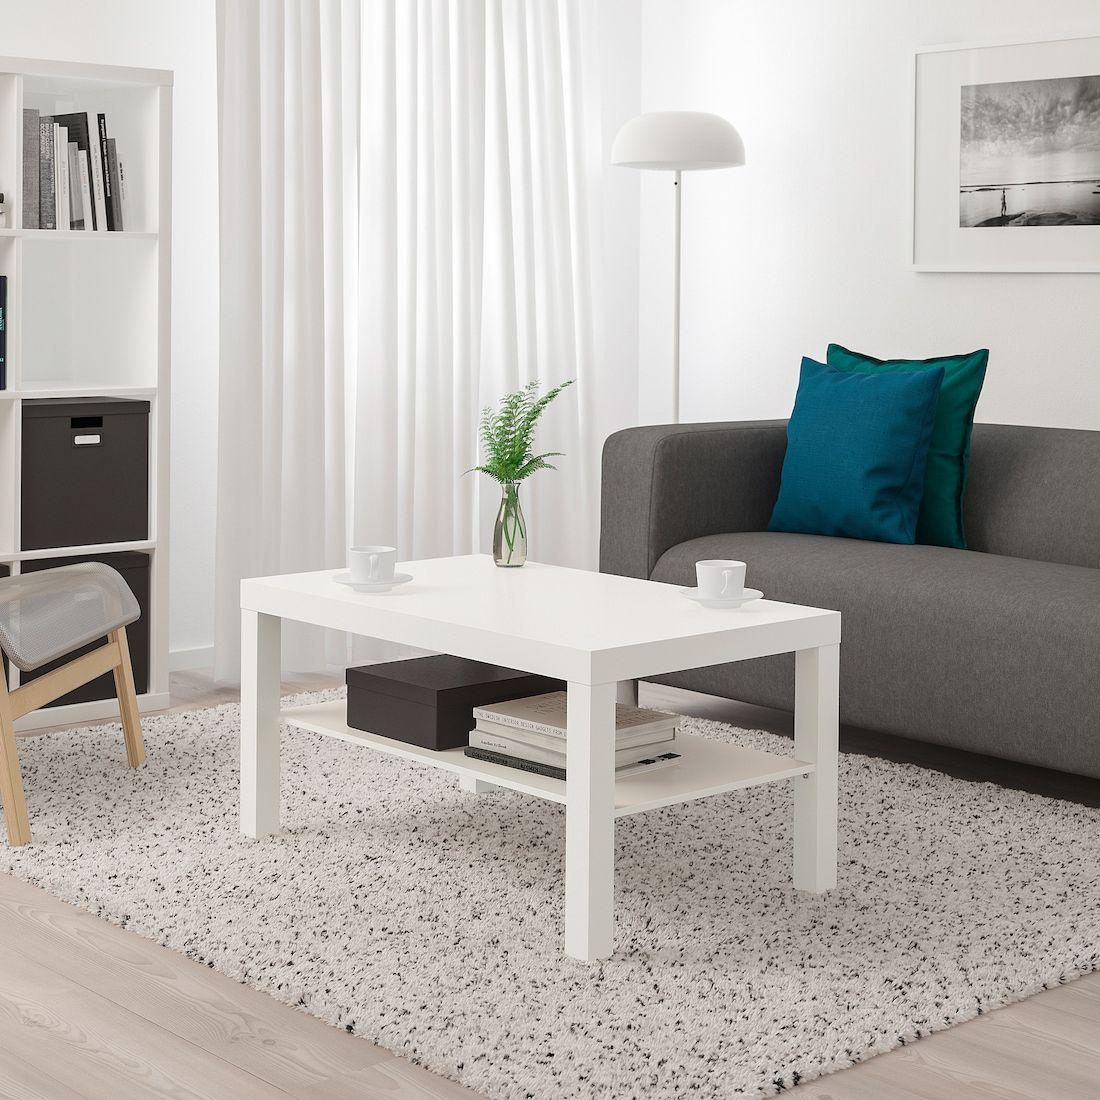 Lack Coffee Table White 35x22x18 Ikea Ikea Lack Coffee Table Lack Coffee Table Ikea Lack Table [ 1100 x 1100 Pixel ]